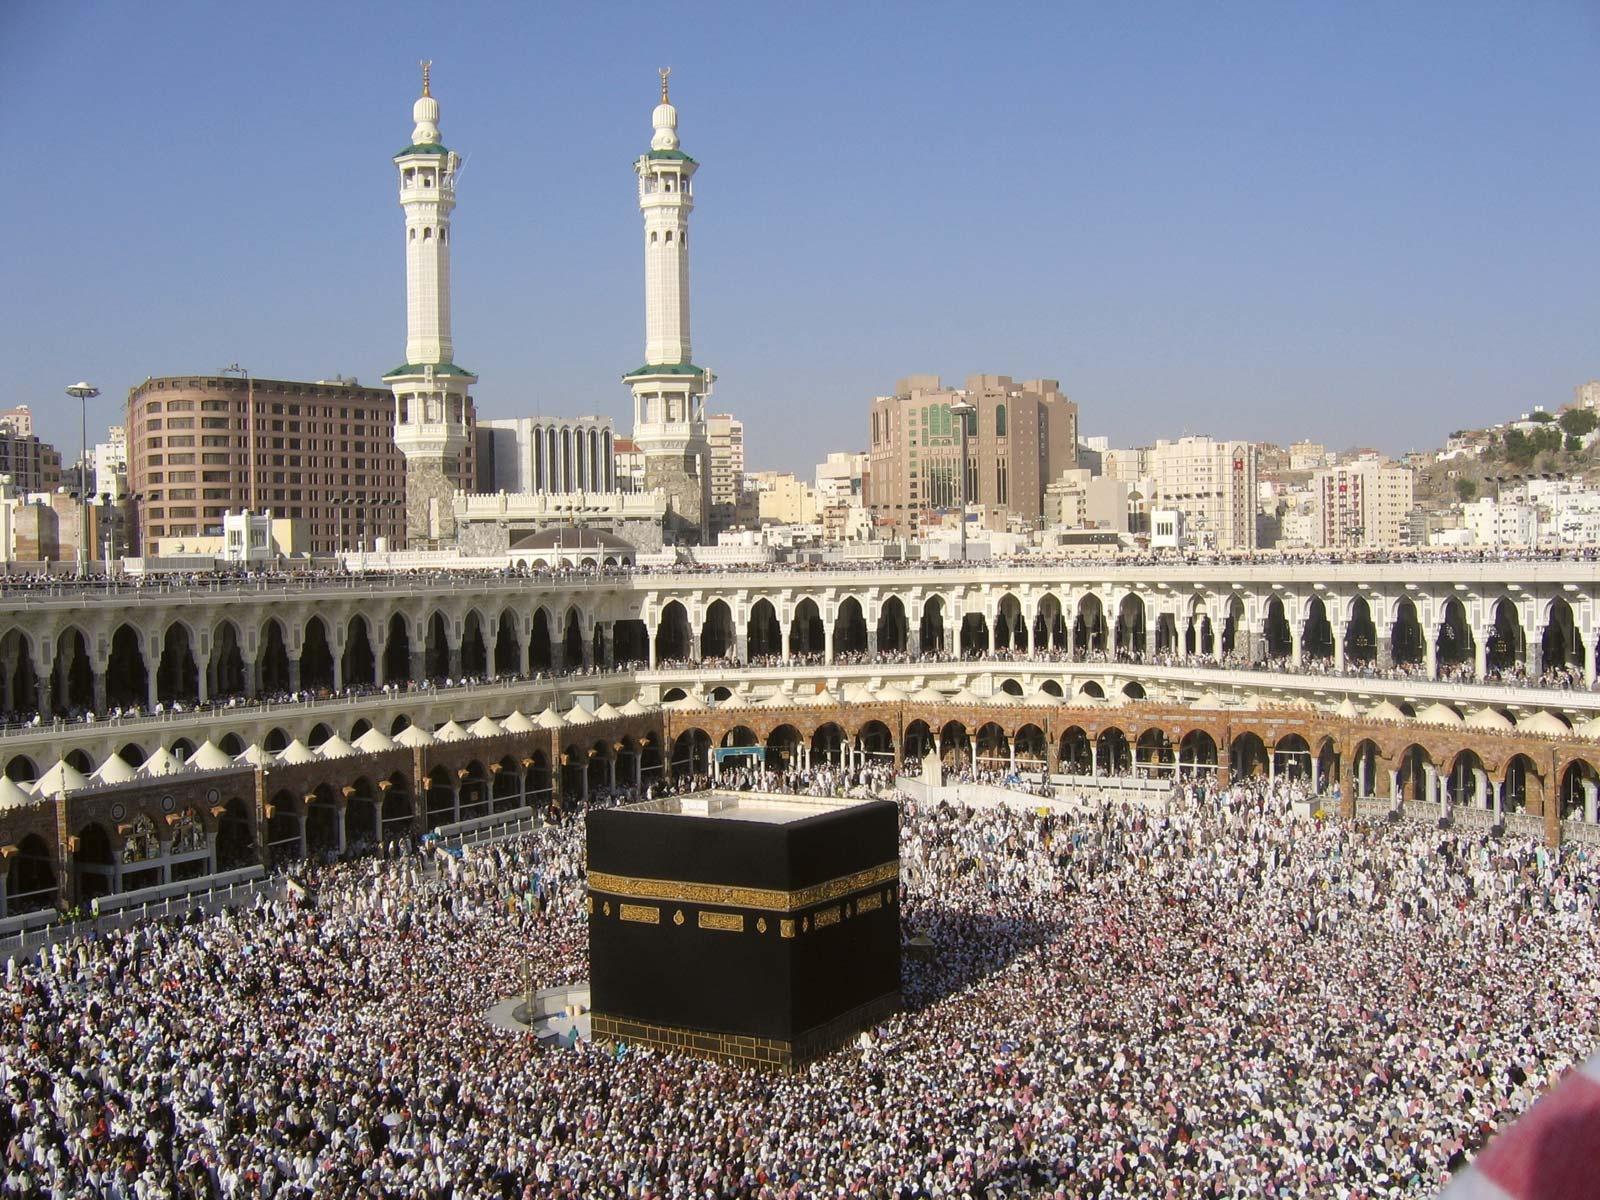 Những điểm du lịch hấp dẫn ở Saudi Arabia - Ảnh 6.